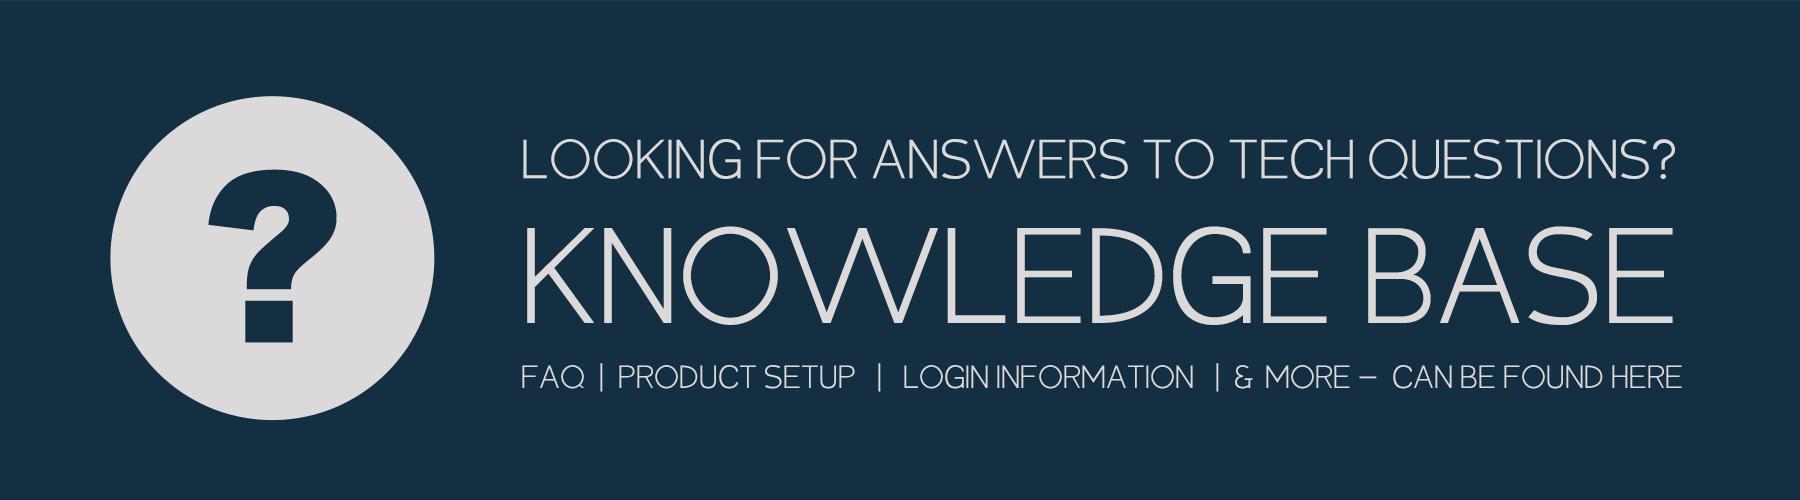 KnowledgeBase3